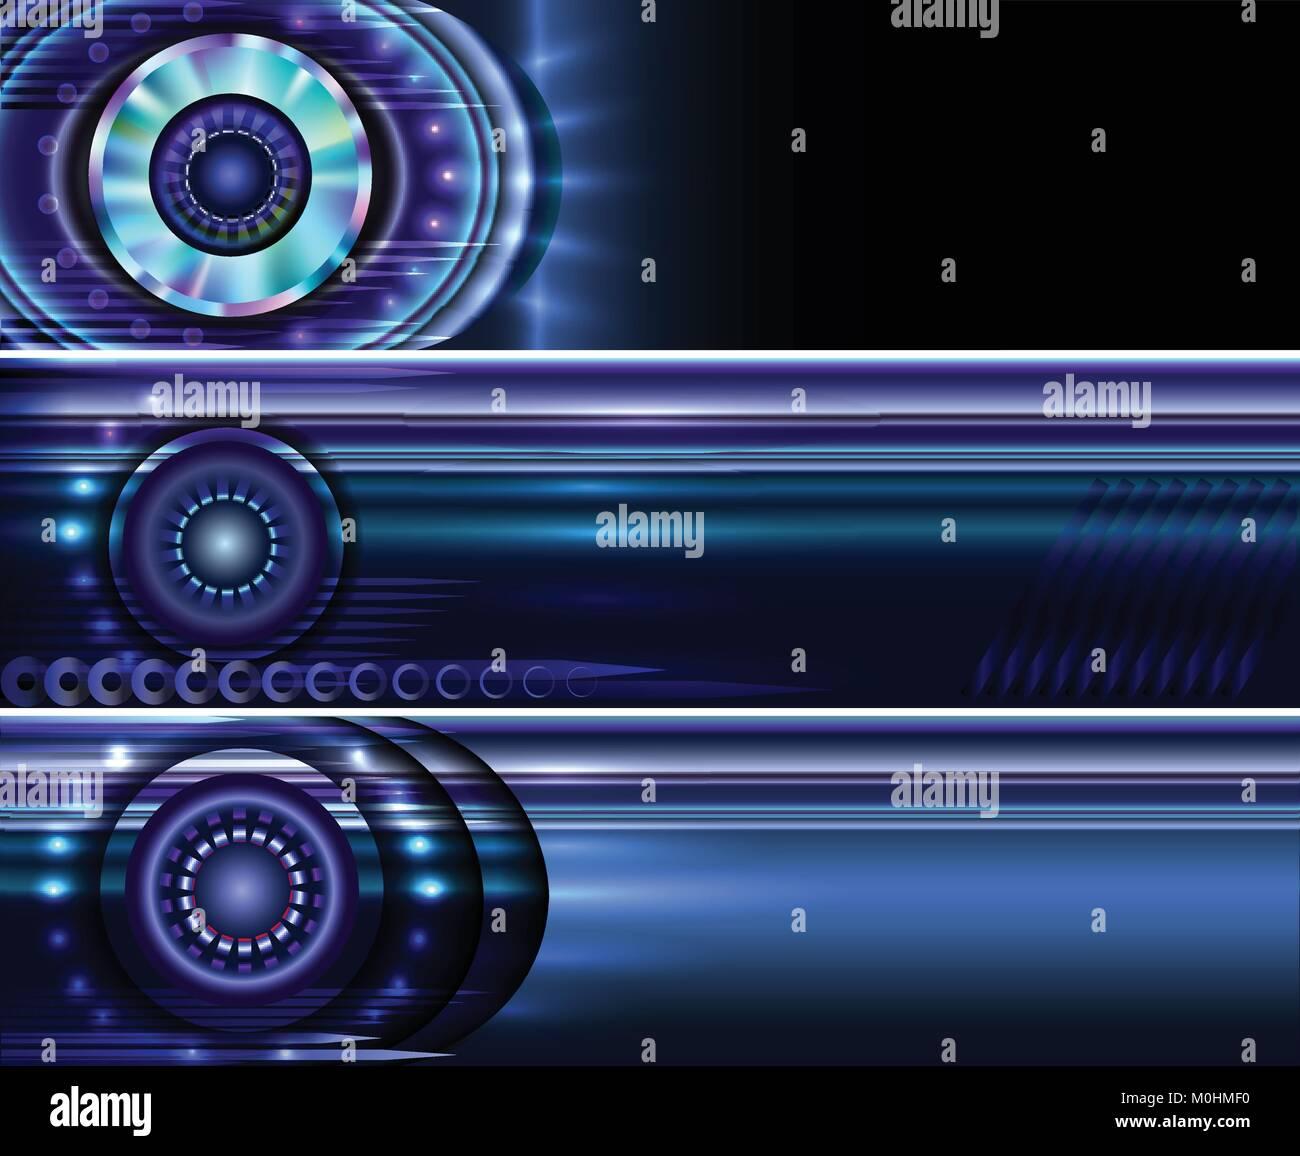 Conjunto de tecnología vectorial abstracto banners web plantillas de fondos Imagen De Stock